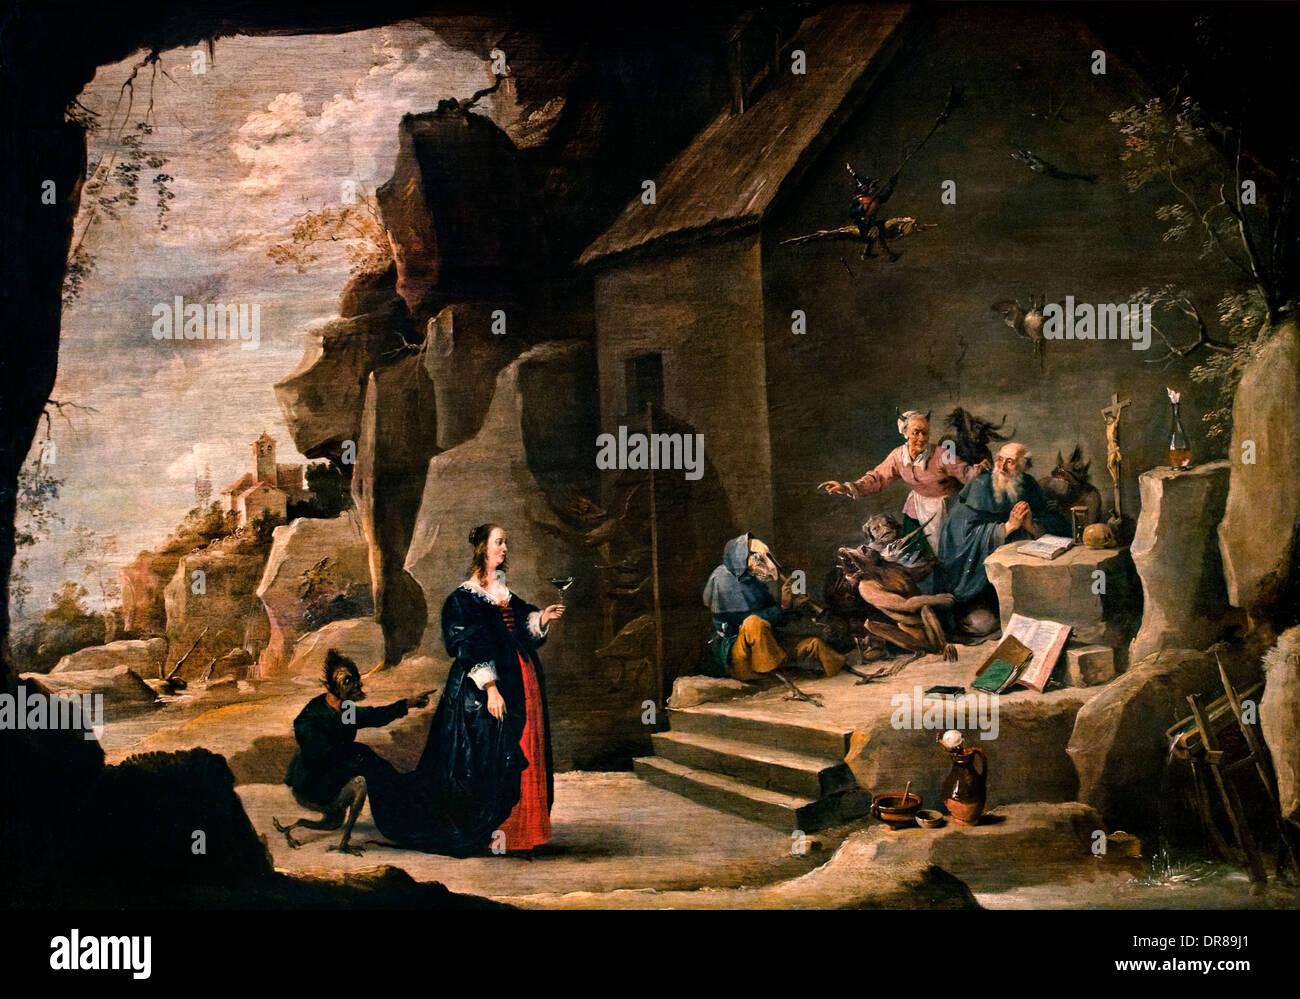 La Tentation de Saint Antoine par David Teniers le Jeune belge 1610-1690 Belgique Photo Stock